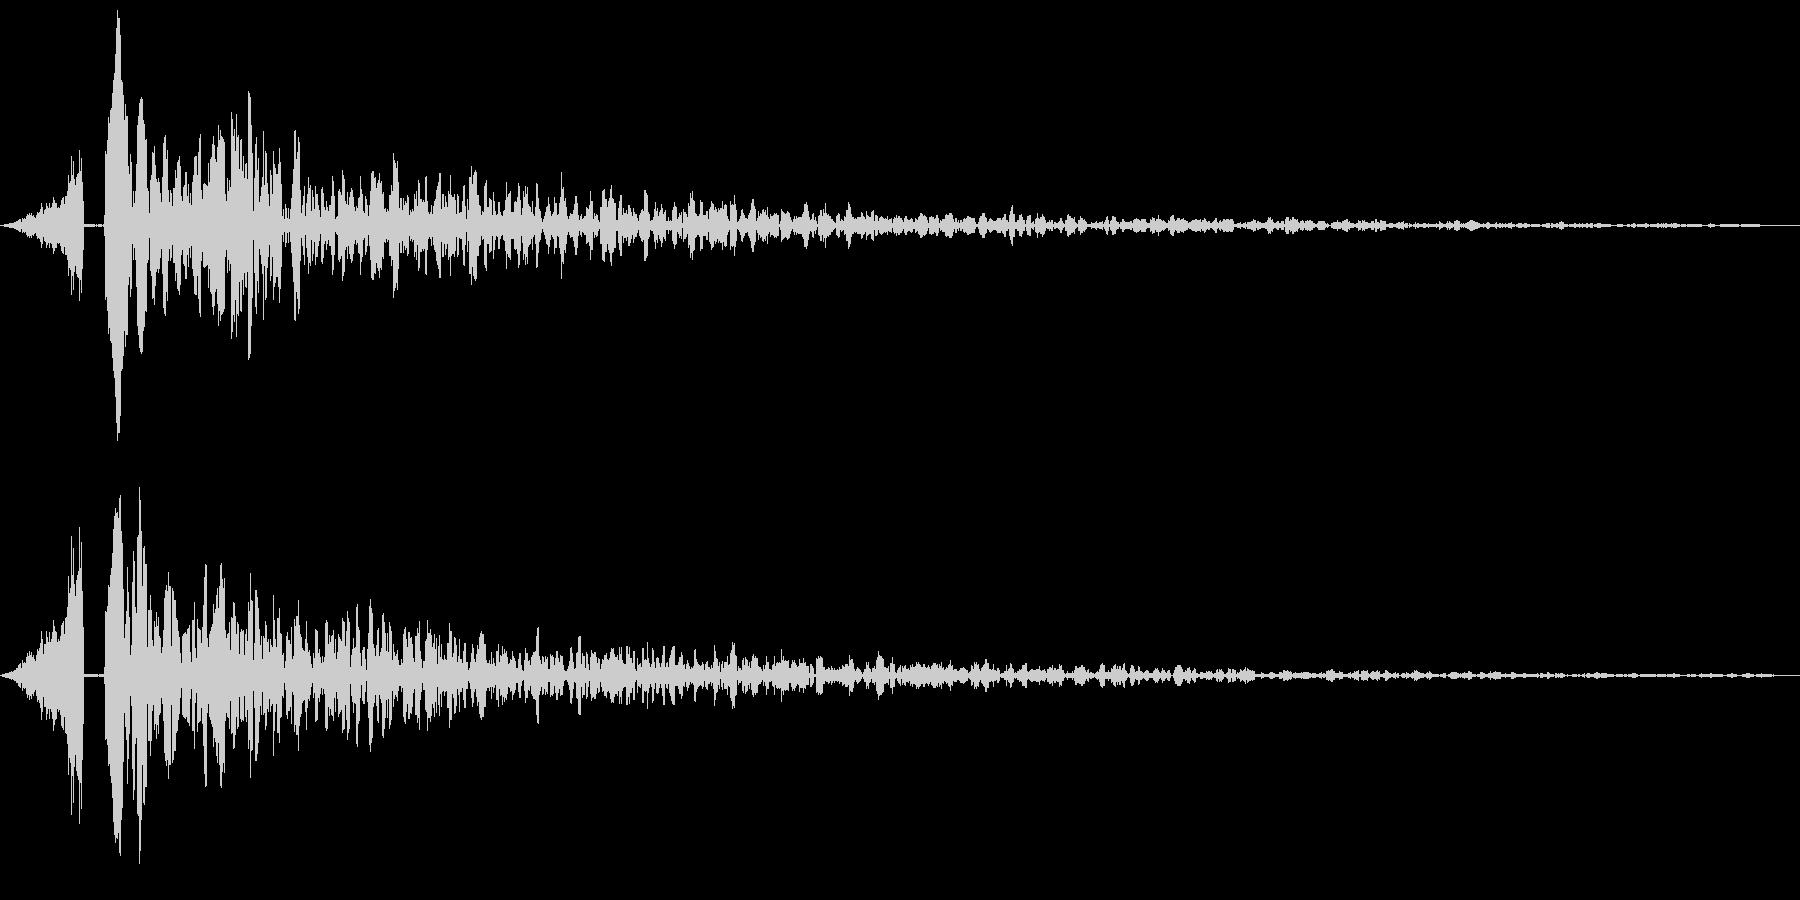 シューンドーン:インパクト音の未再生の波形